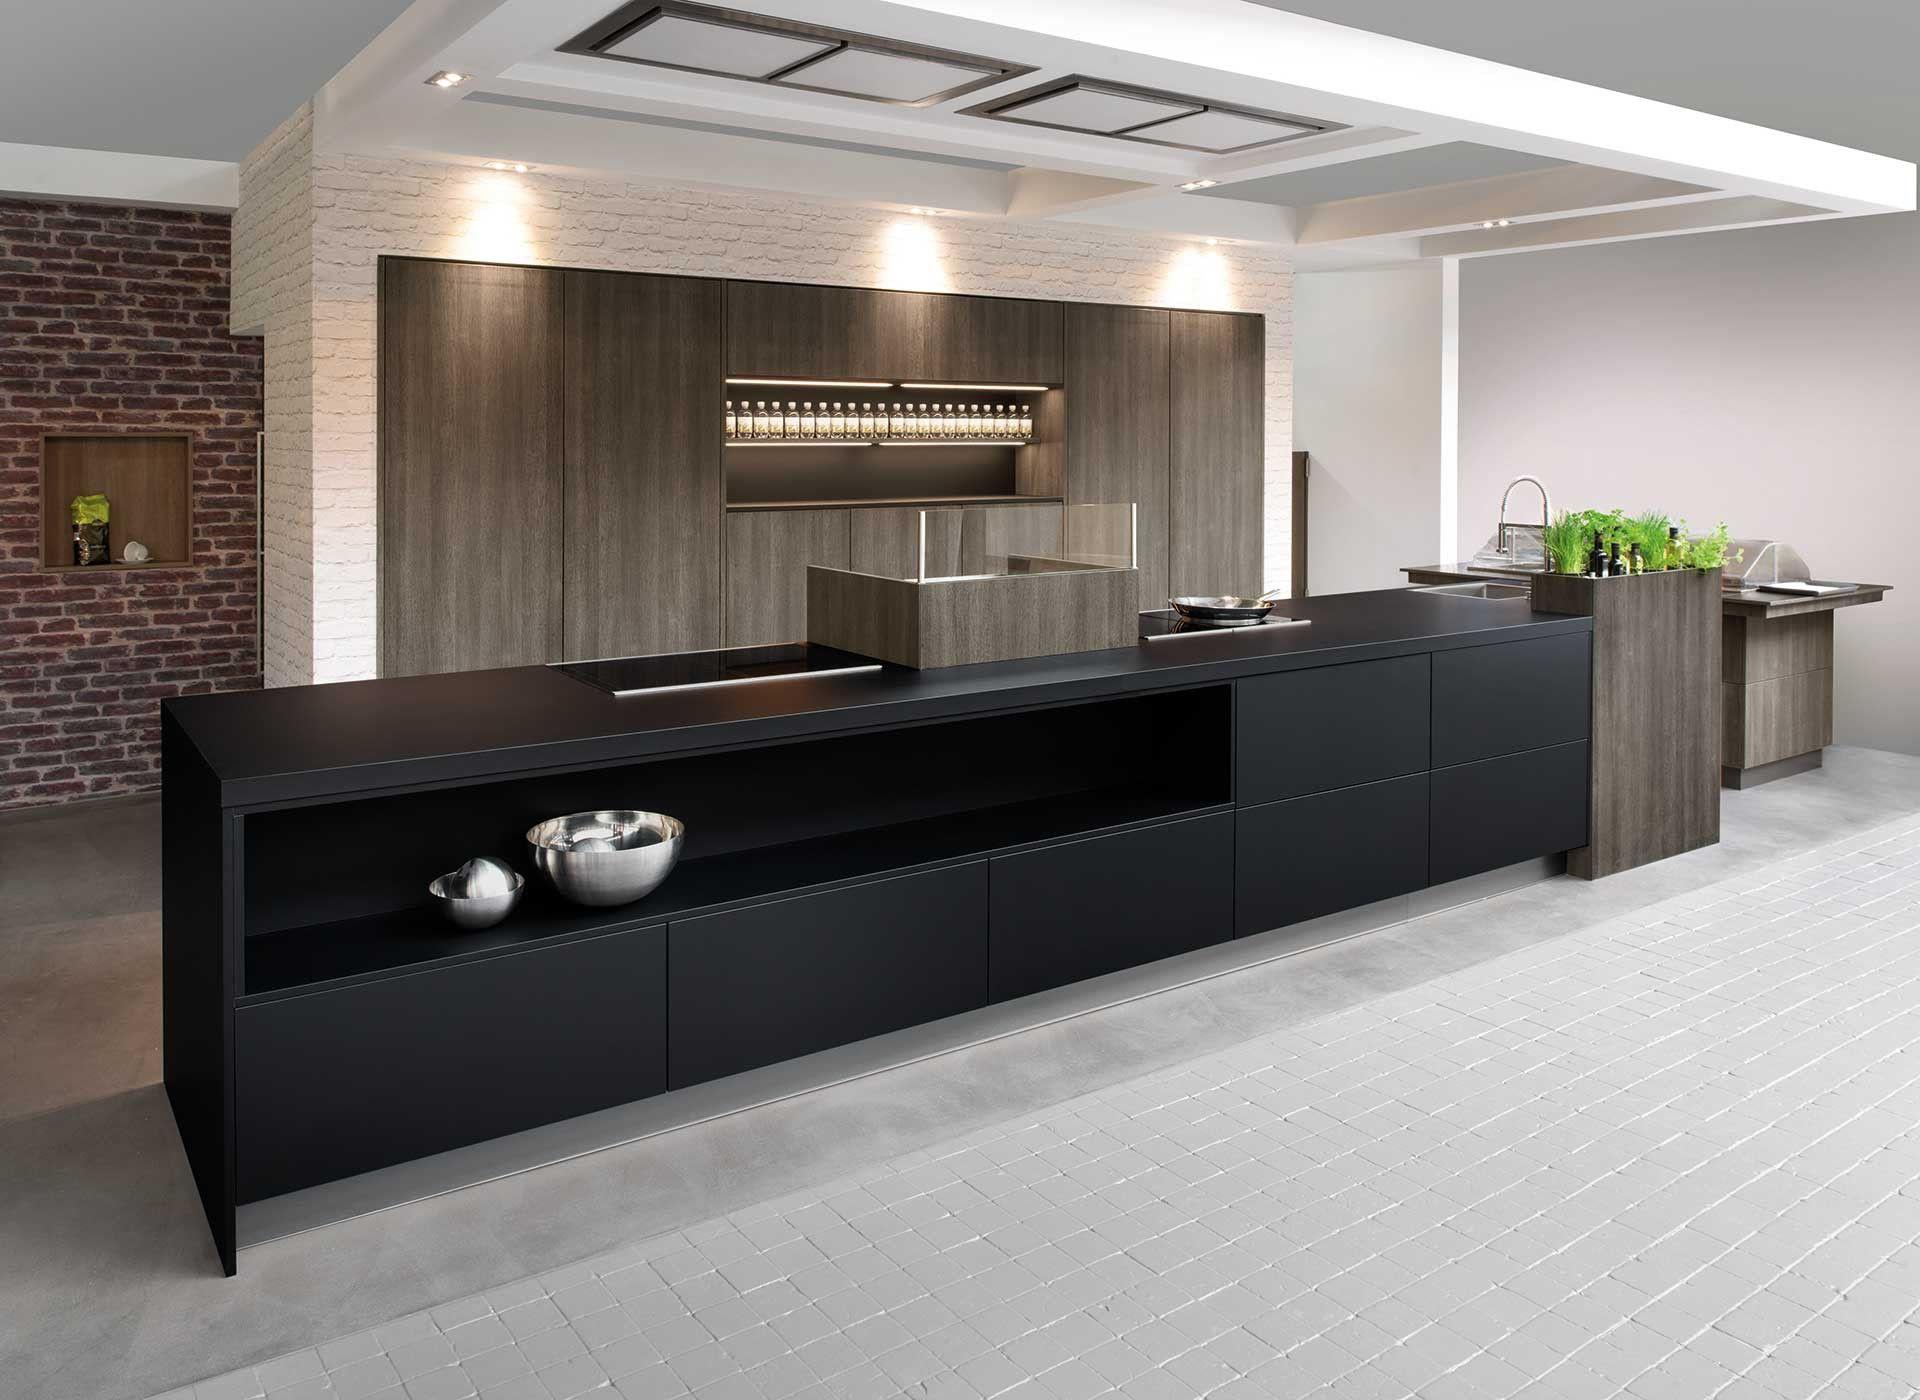 moderne keuken met langwerpig kookeiland deze keuken bevat verschillende designelementen die